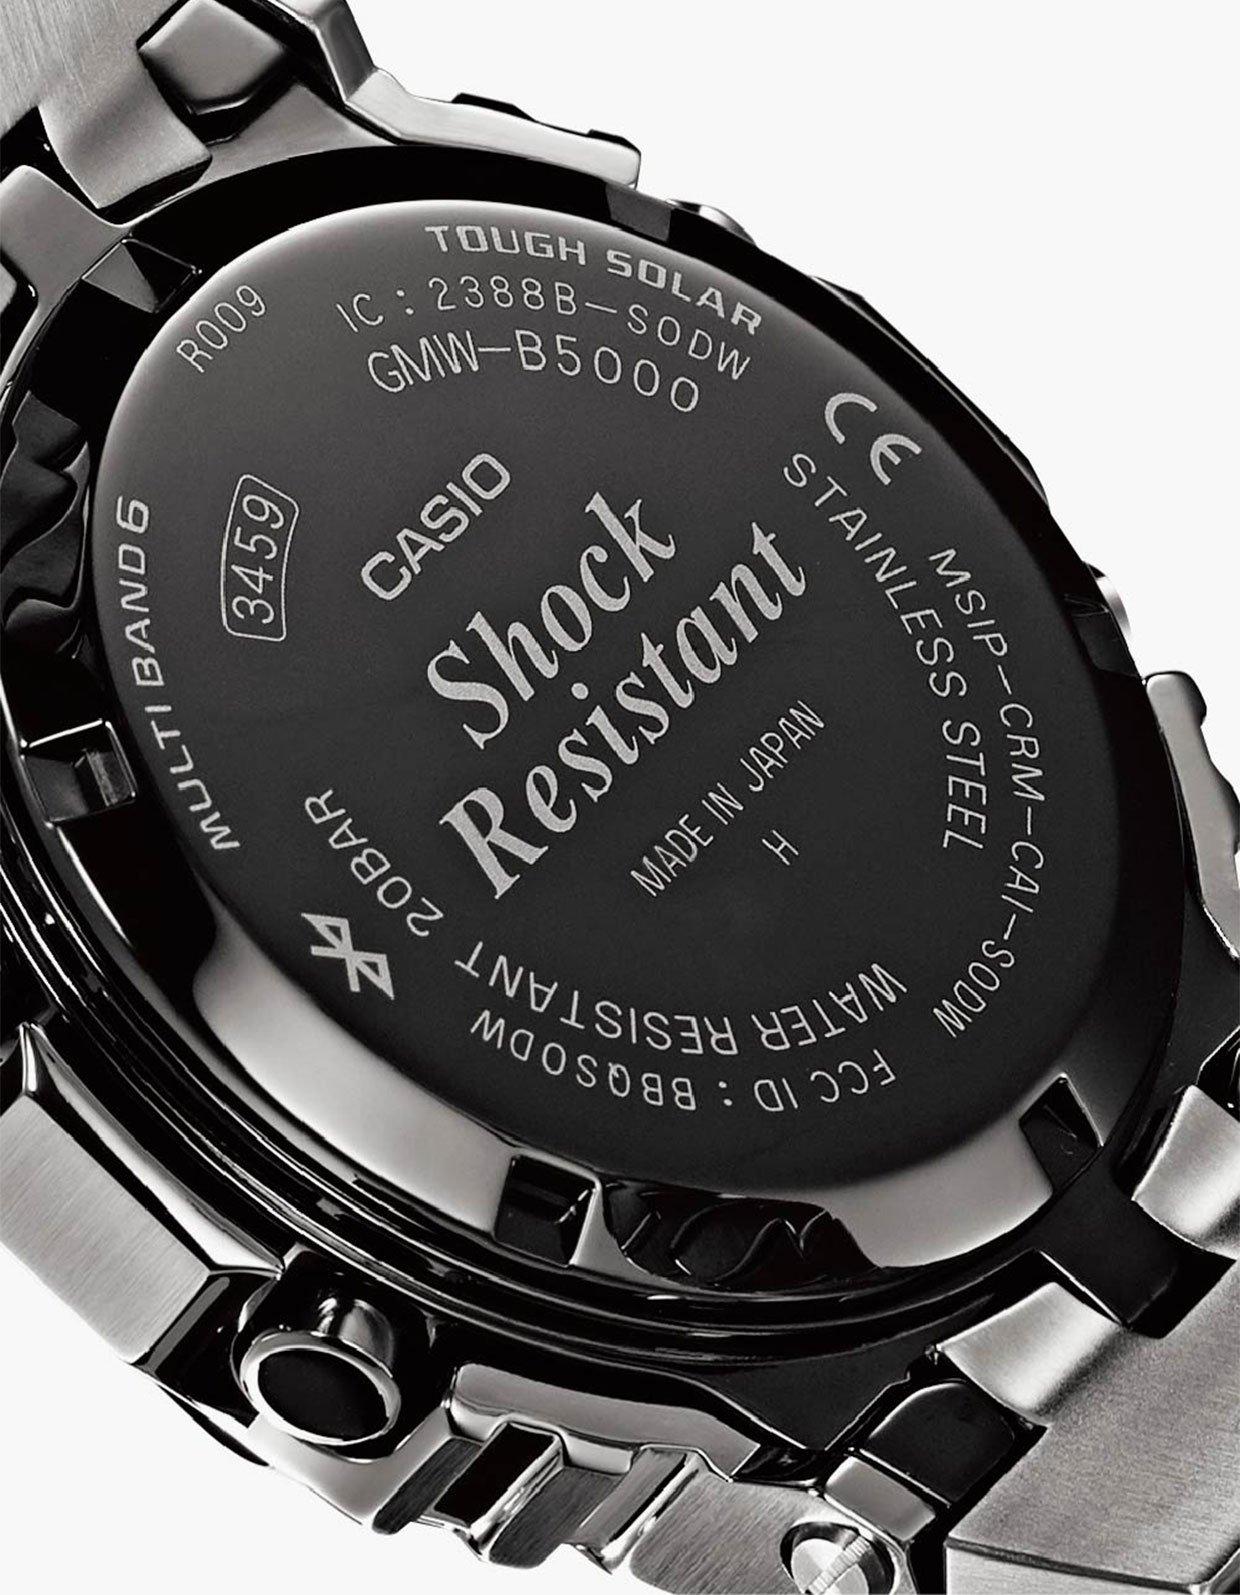 G-SHOCK GMWB500TR Titanium Watch